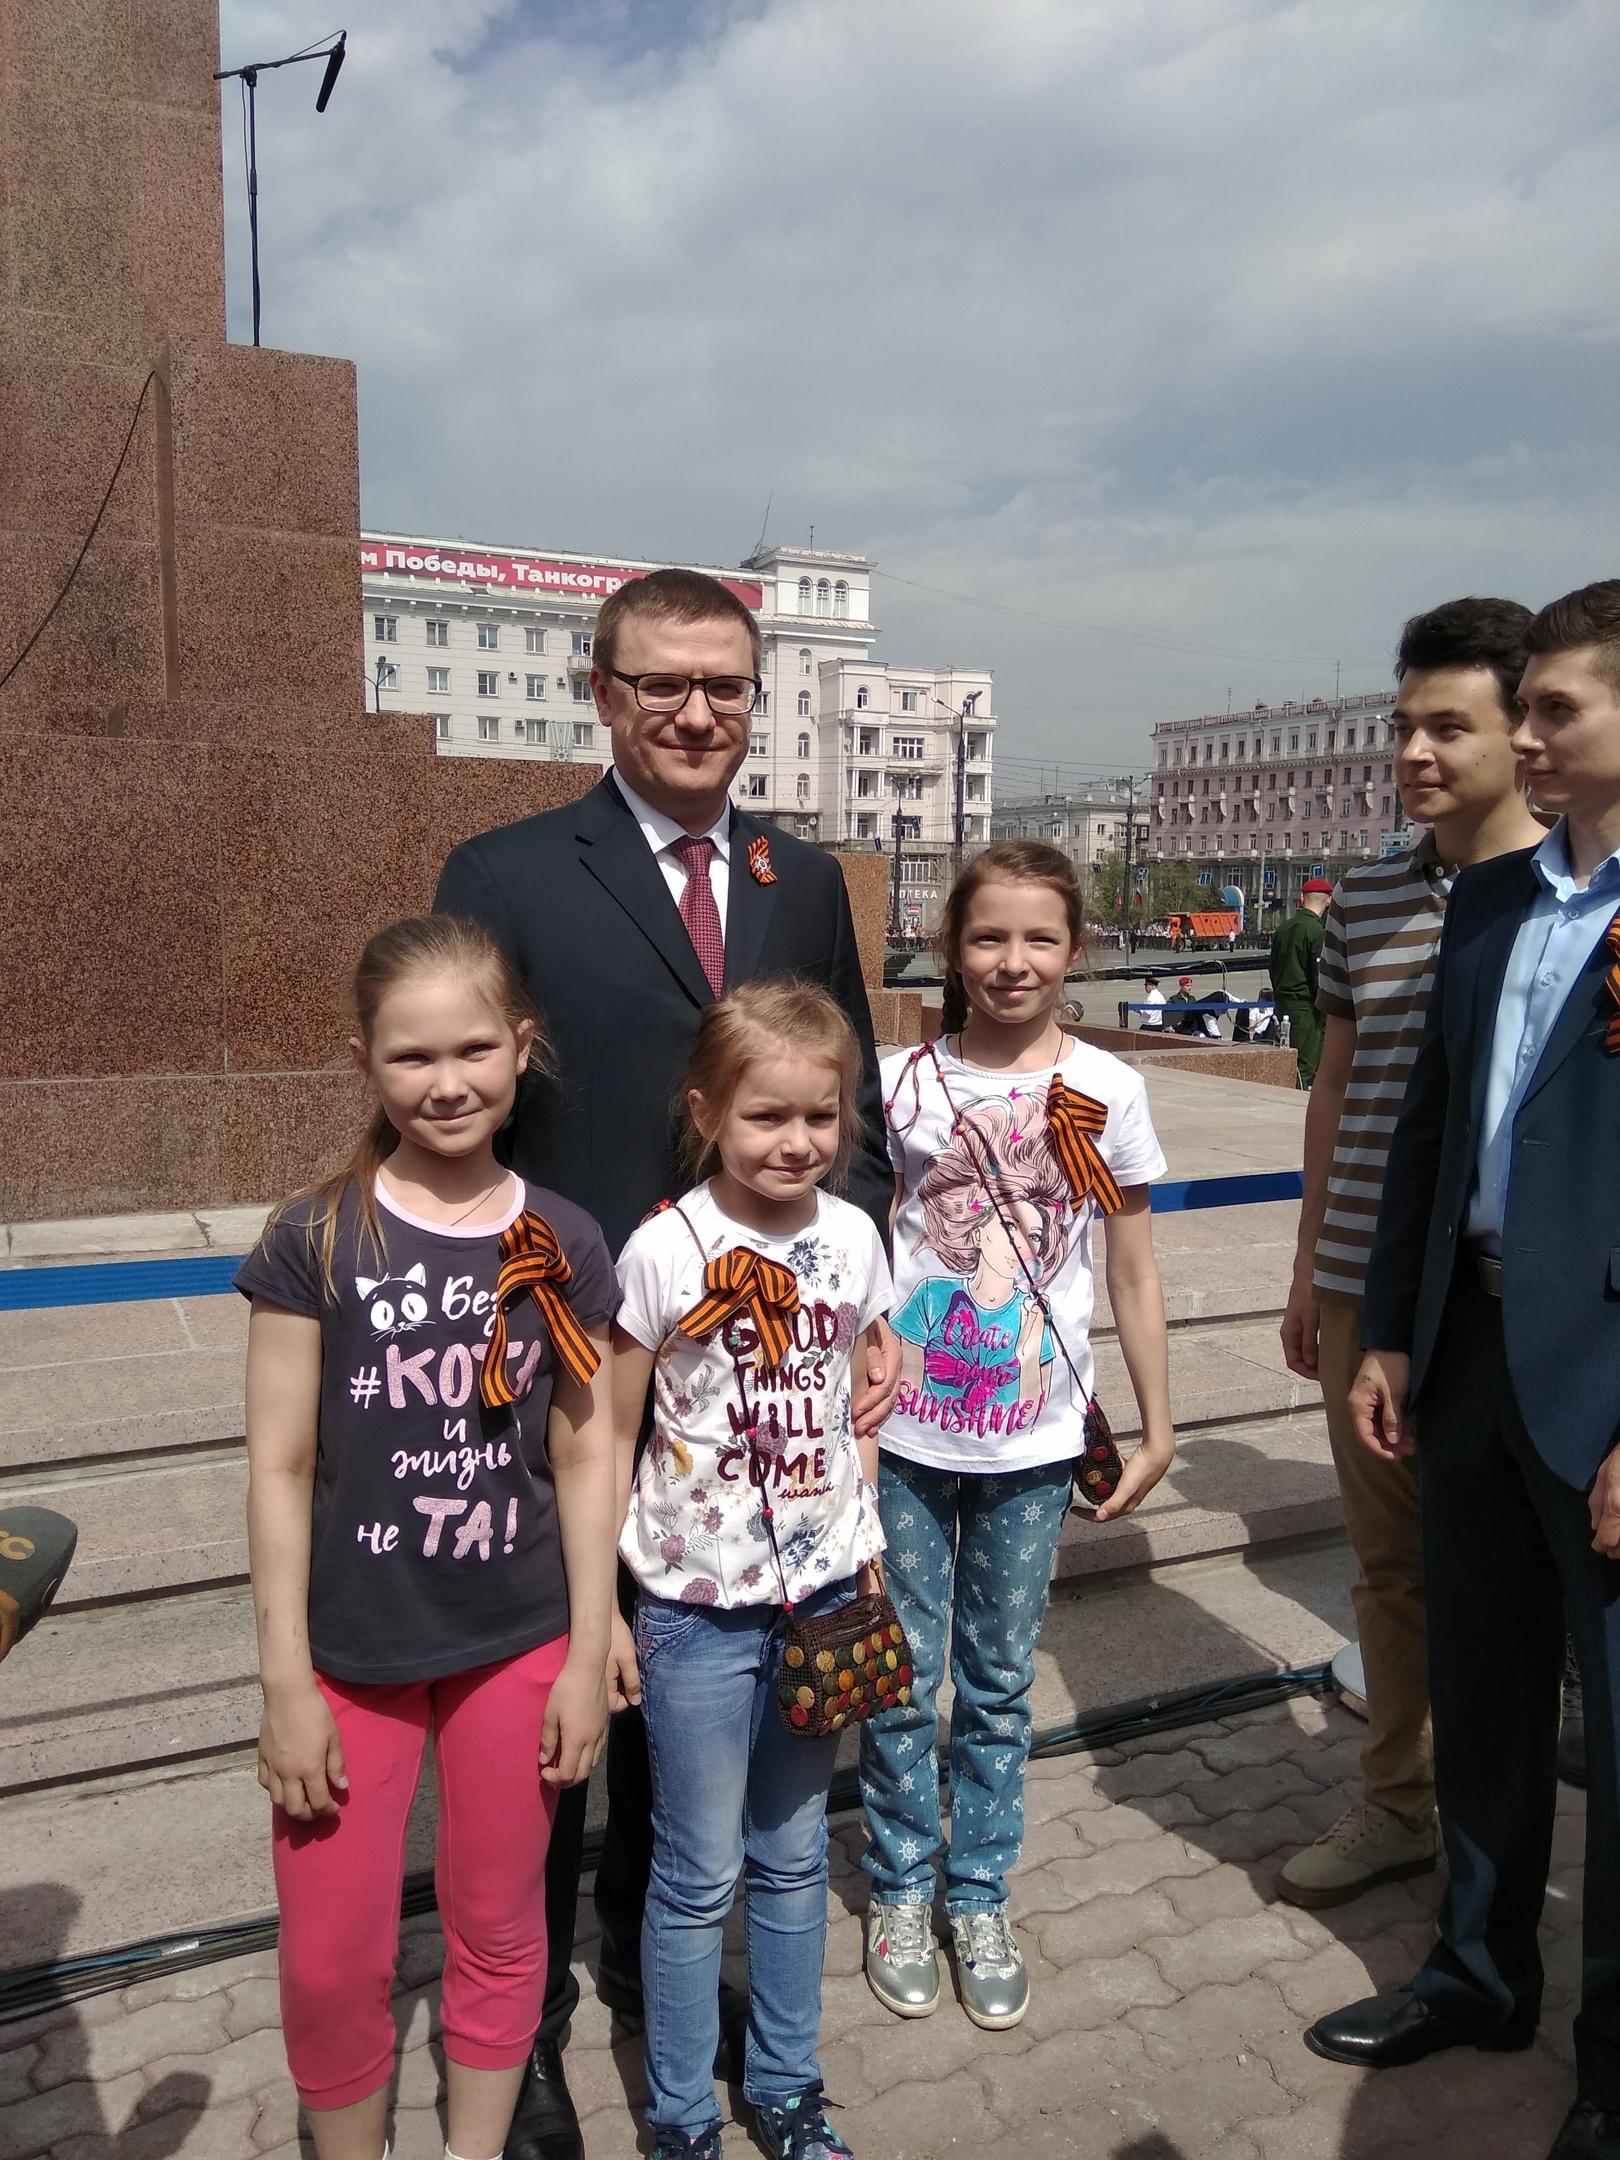 Временно исполняющий обязанности губернатора Челябинской области сразу после торжественного постр